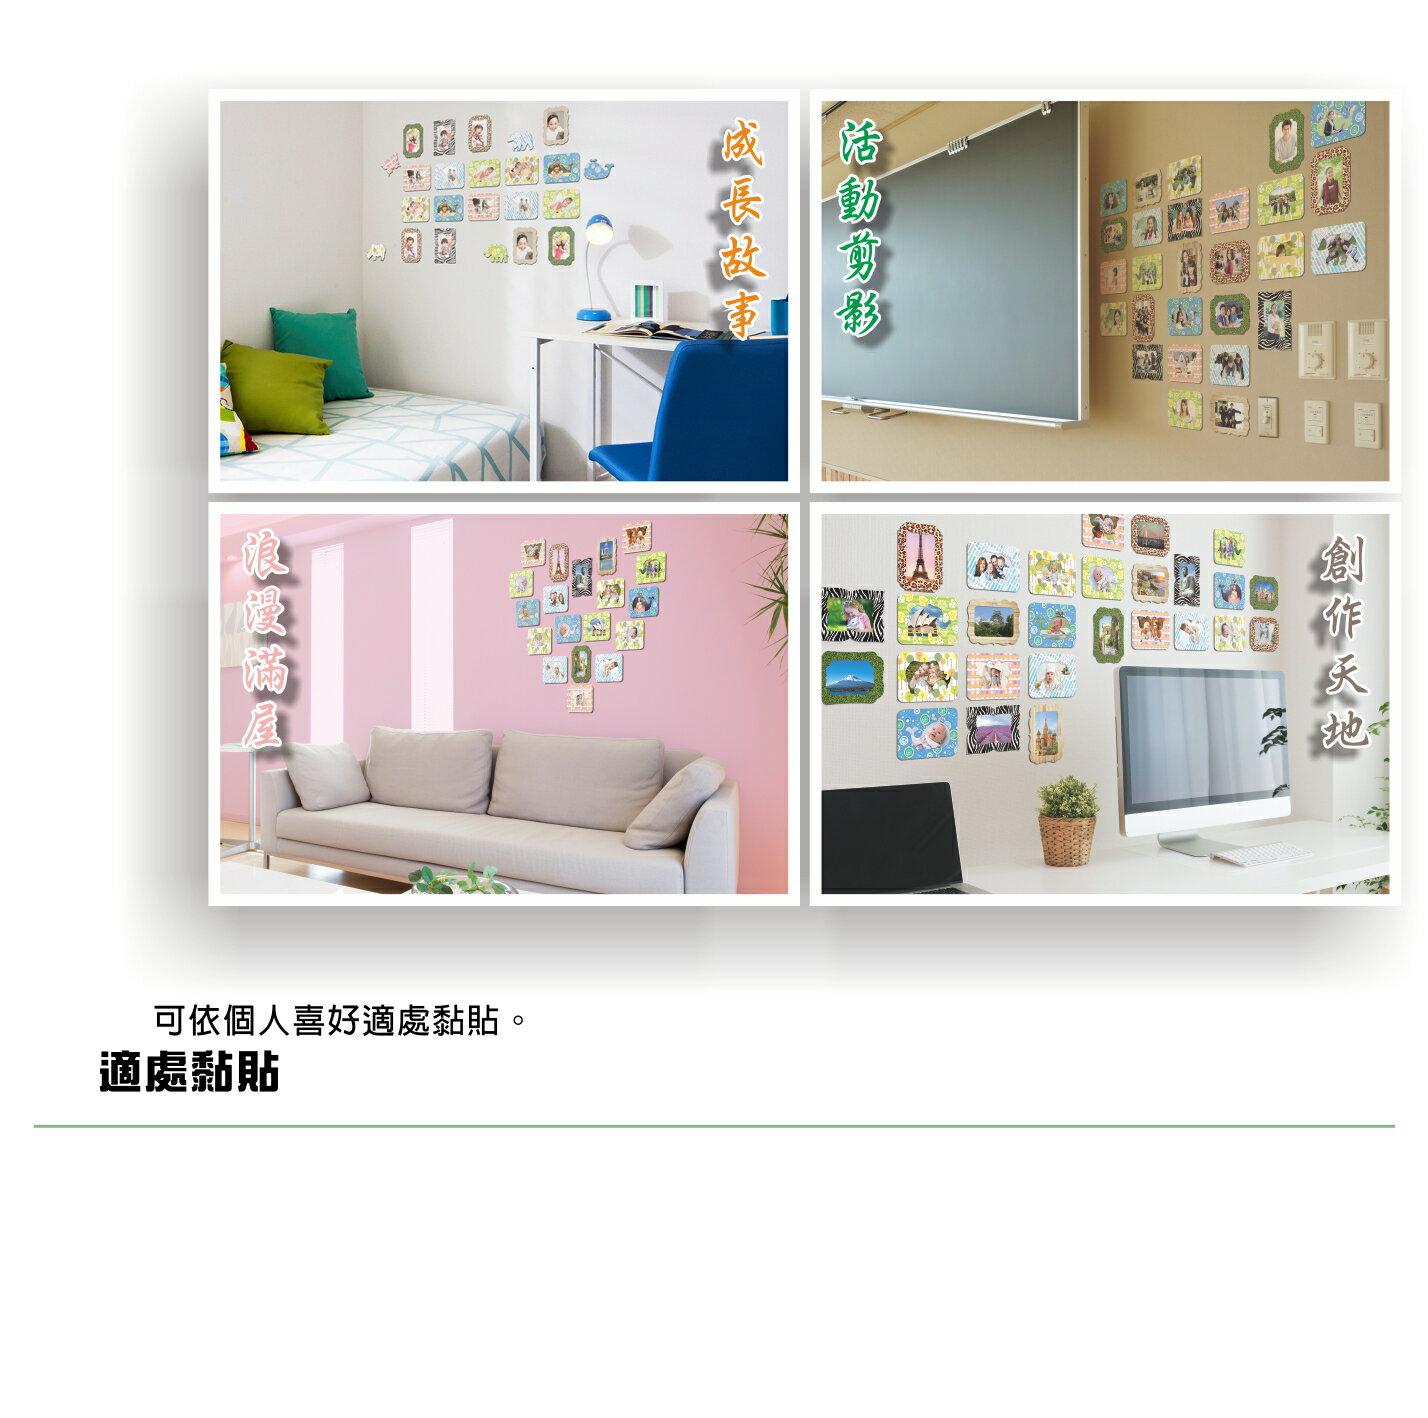 大威寶龍【隨興布相框】剪影系列 6片組/無痕自黏相框-布面裝飾壁貼不殘膠-照片牆 相片牆 重覆貼 7